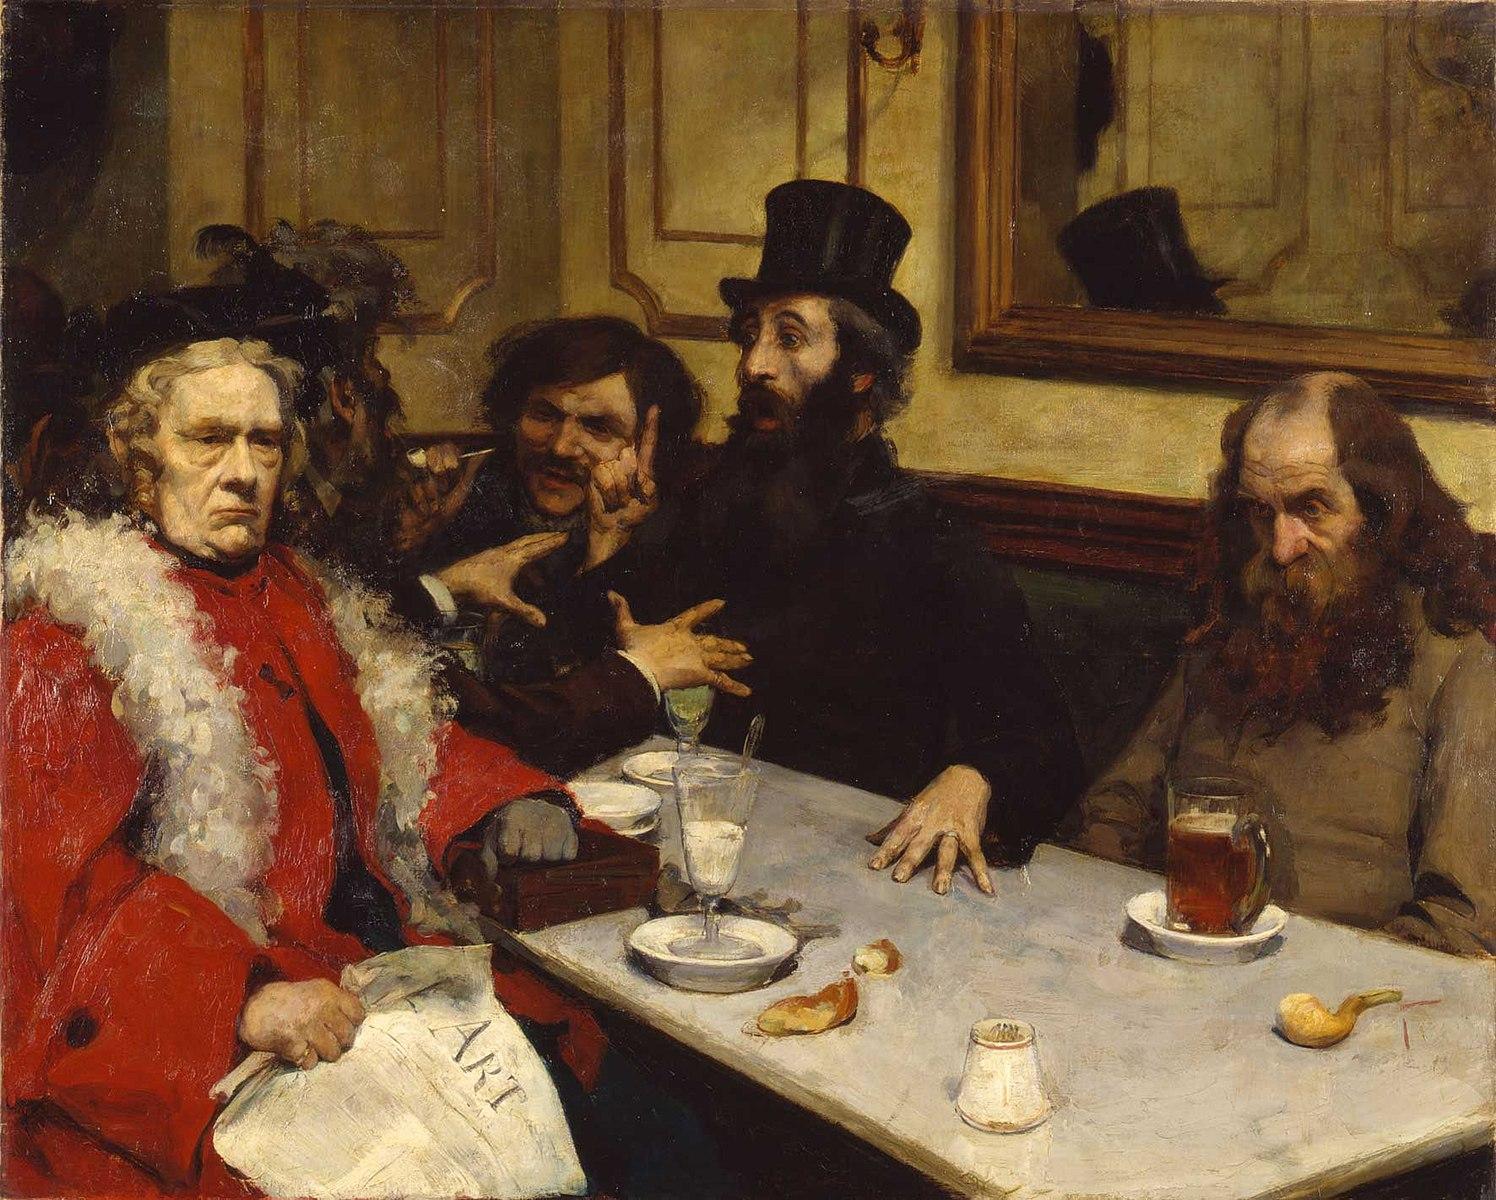 Γεύση: Αρμονία ή αναρχία;